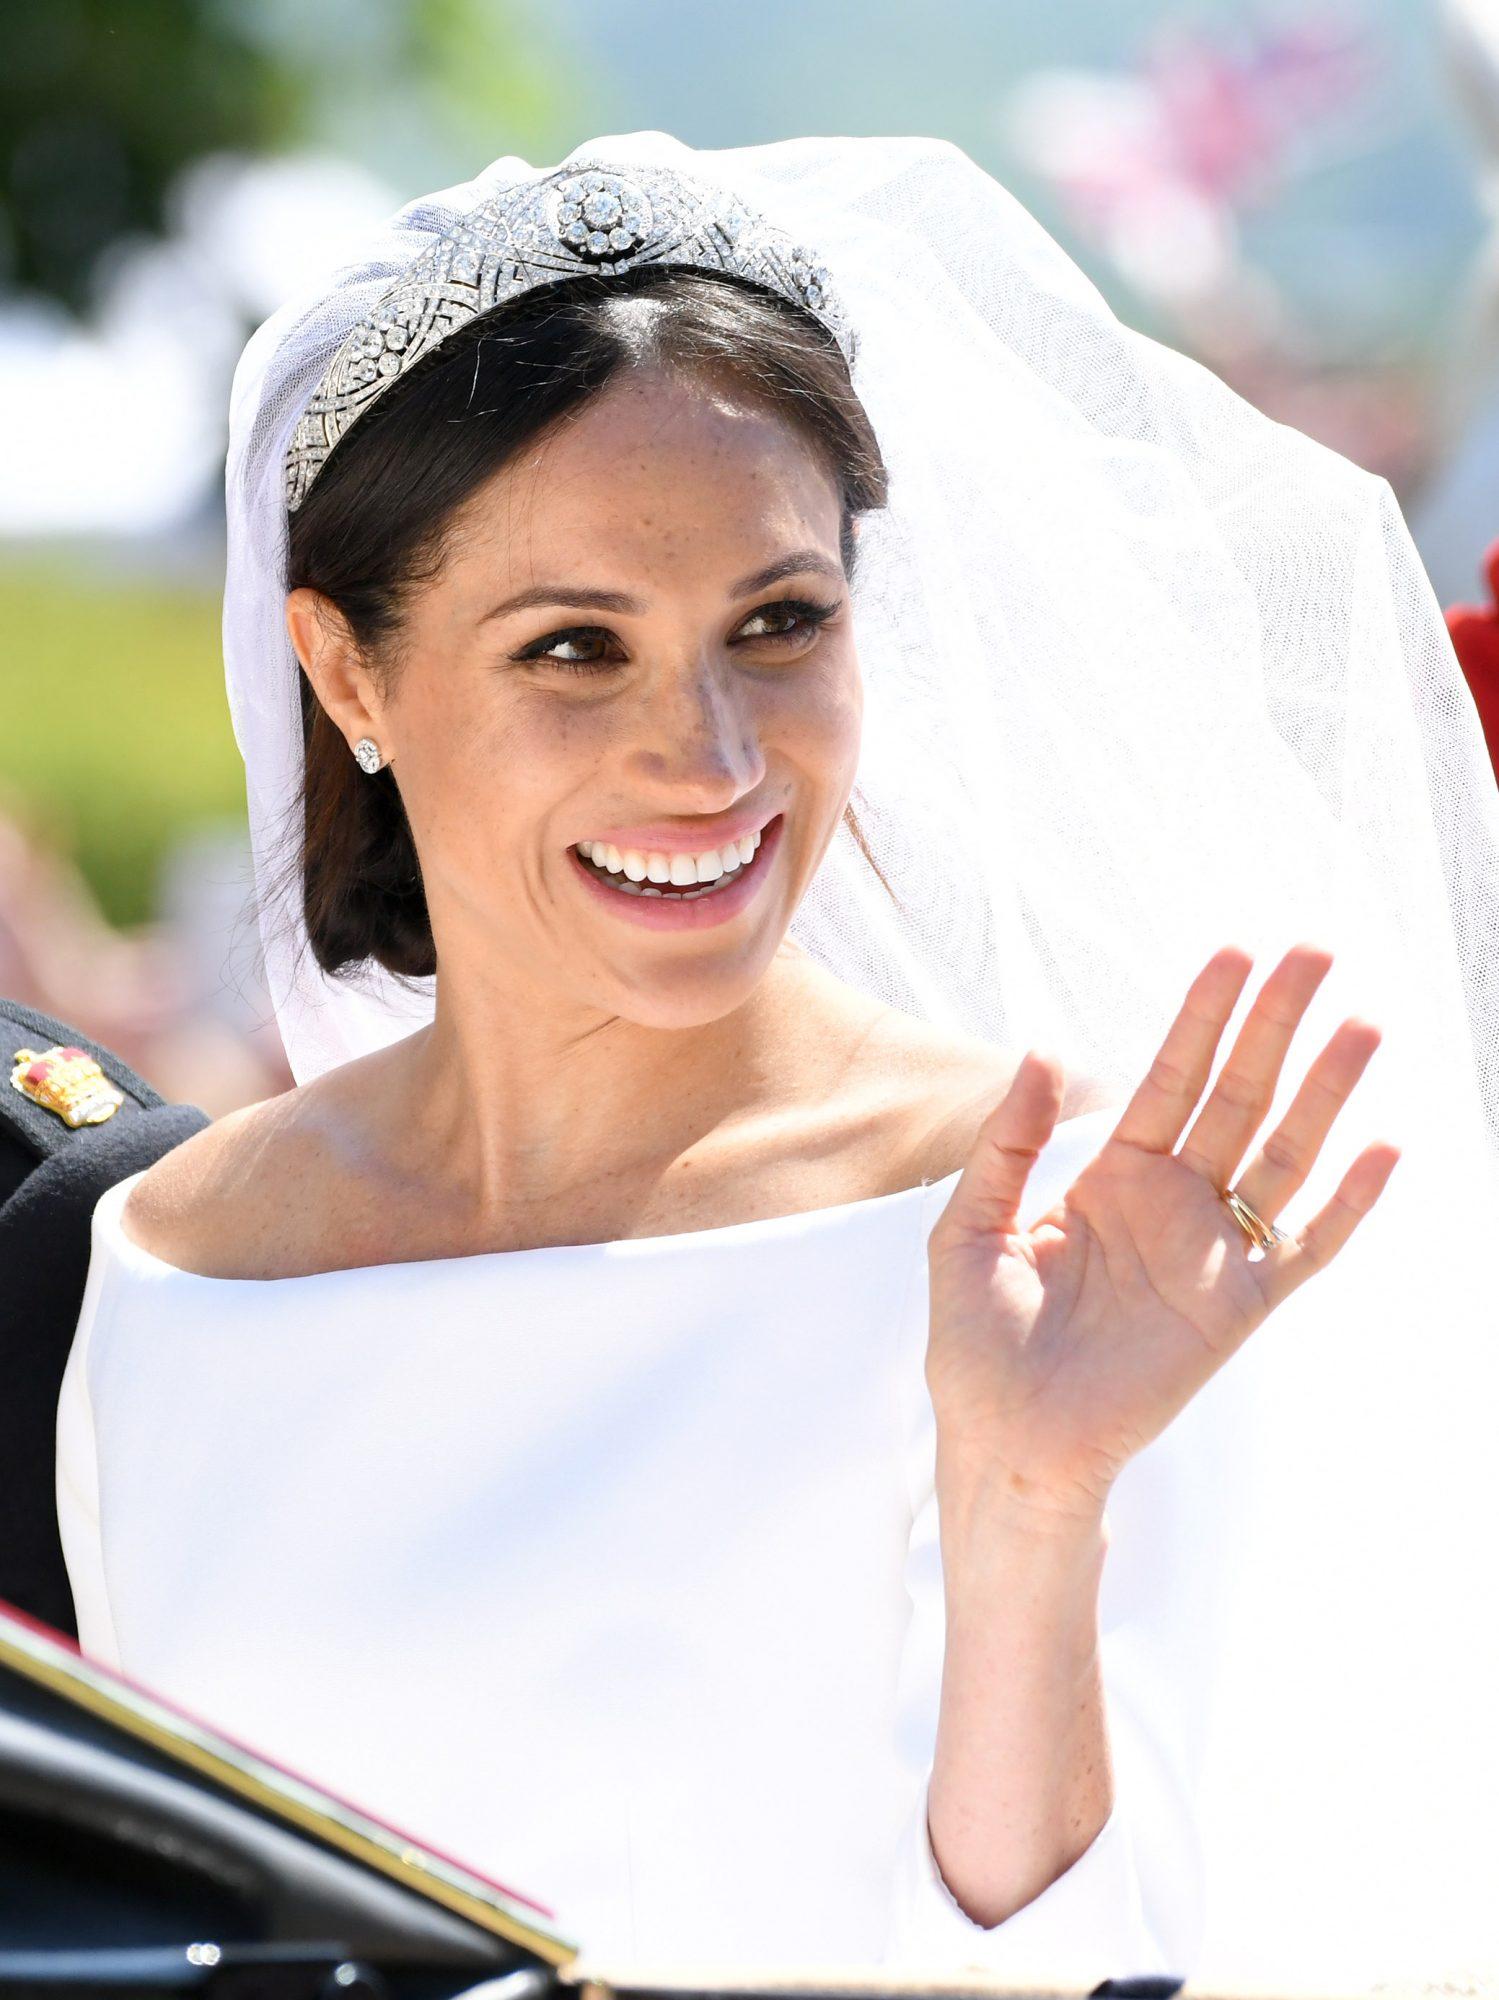 11 điều bạn có lẽ chưa biết về những chiếc vương miện tiara của hoàng gia - 4